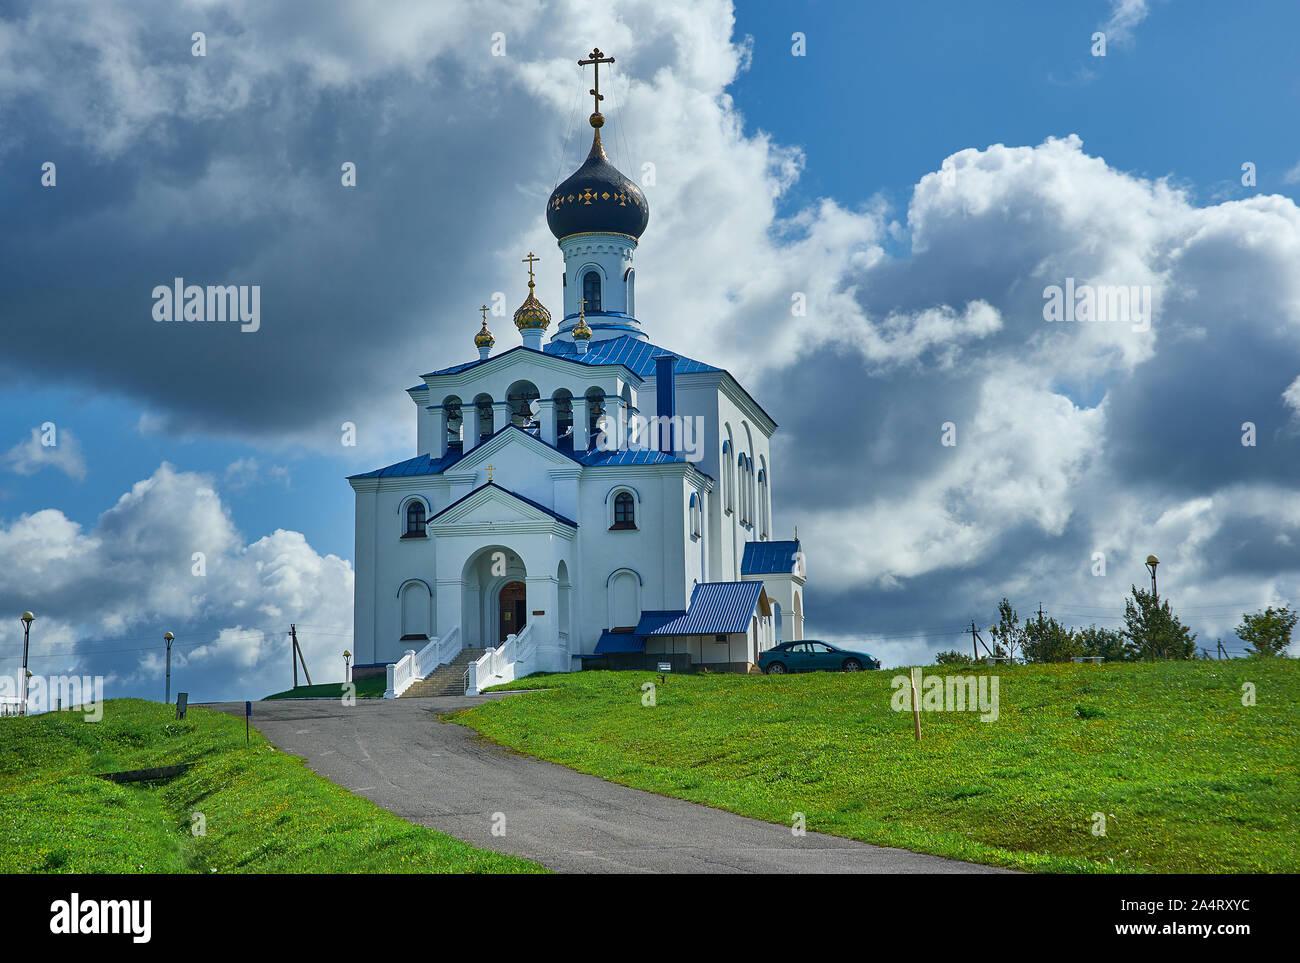 Myadzyel resort city in the Minsk Region of Belarus.Holy Trinity Church Stock Photo